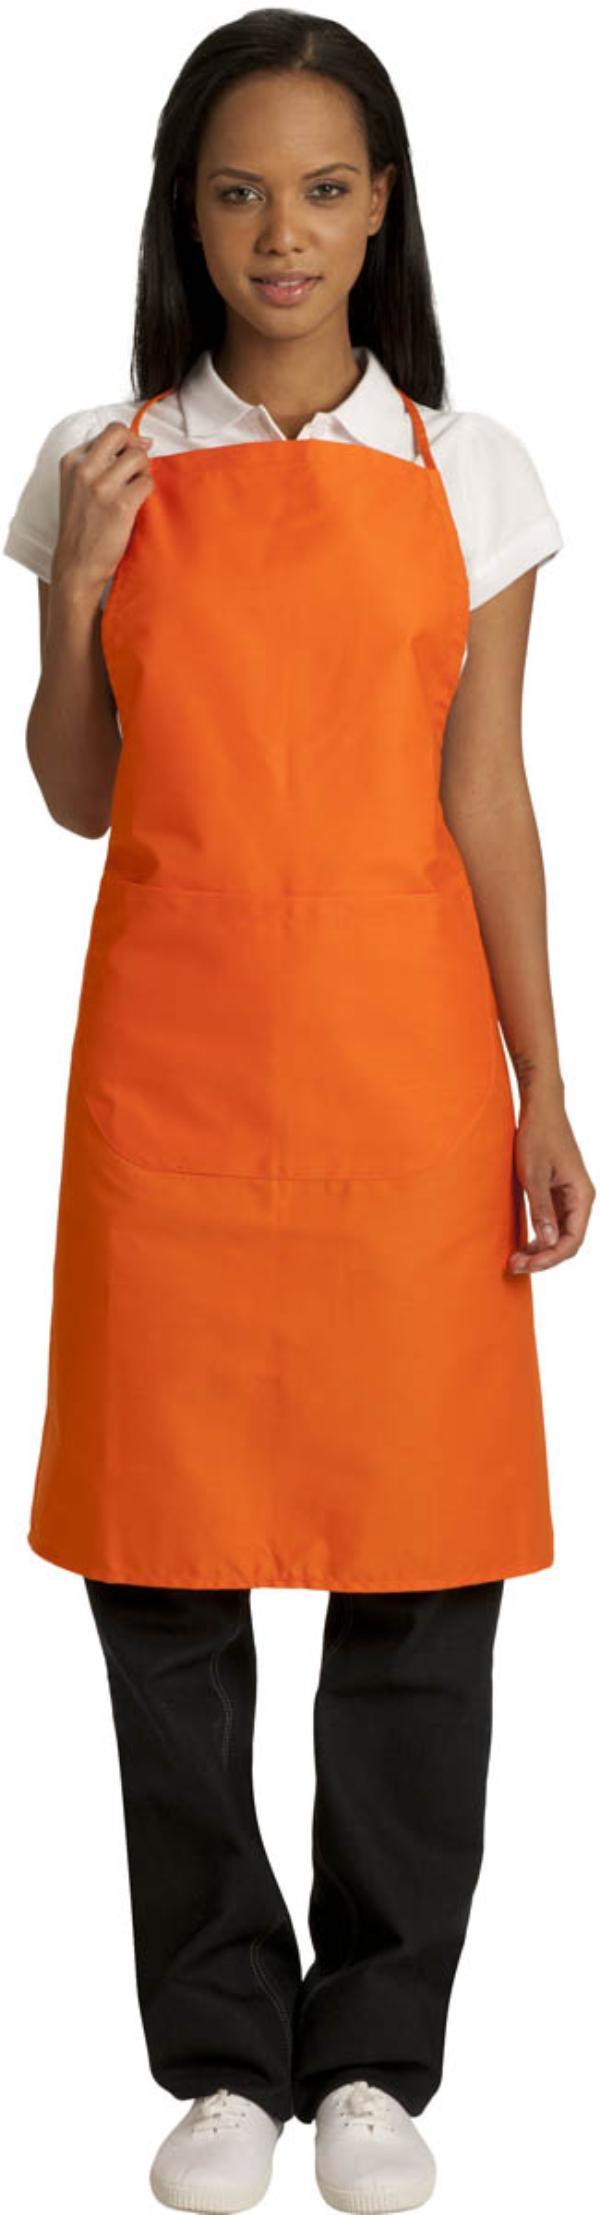 Tablier bavette orange